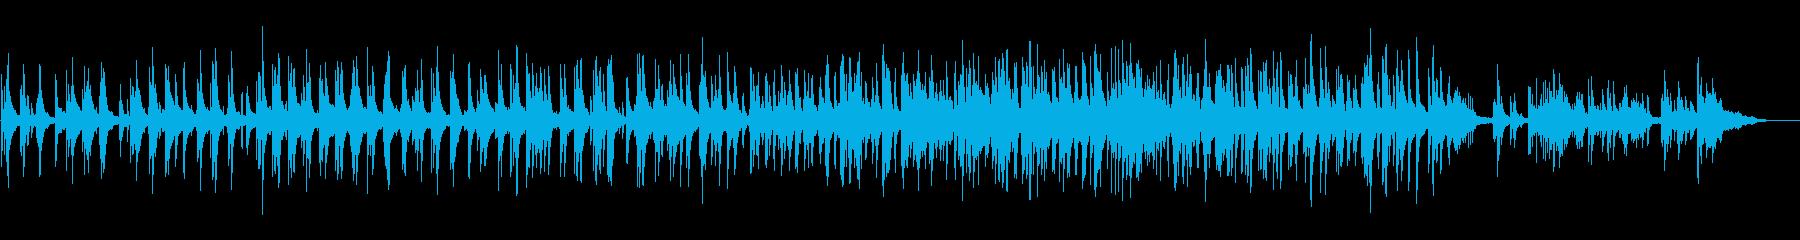 ゆっくりと優しいジャズトリオ。ピア...の再生済みの波形